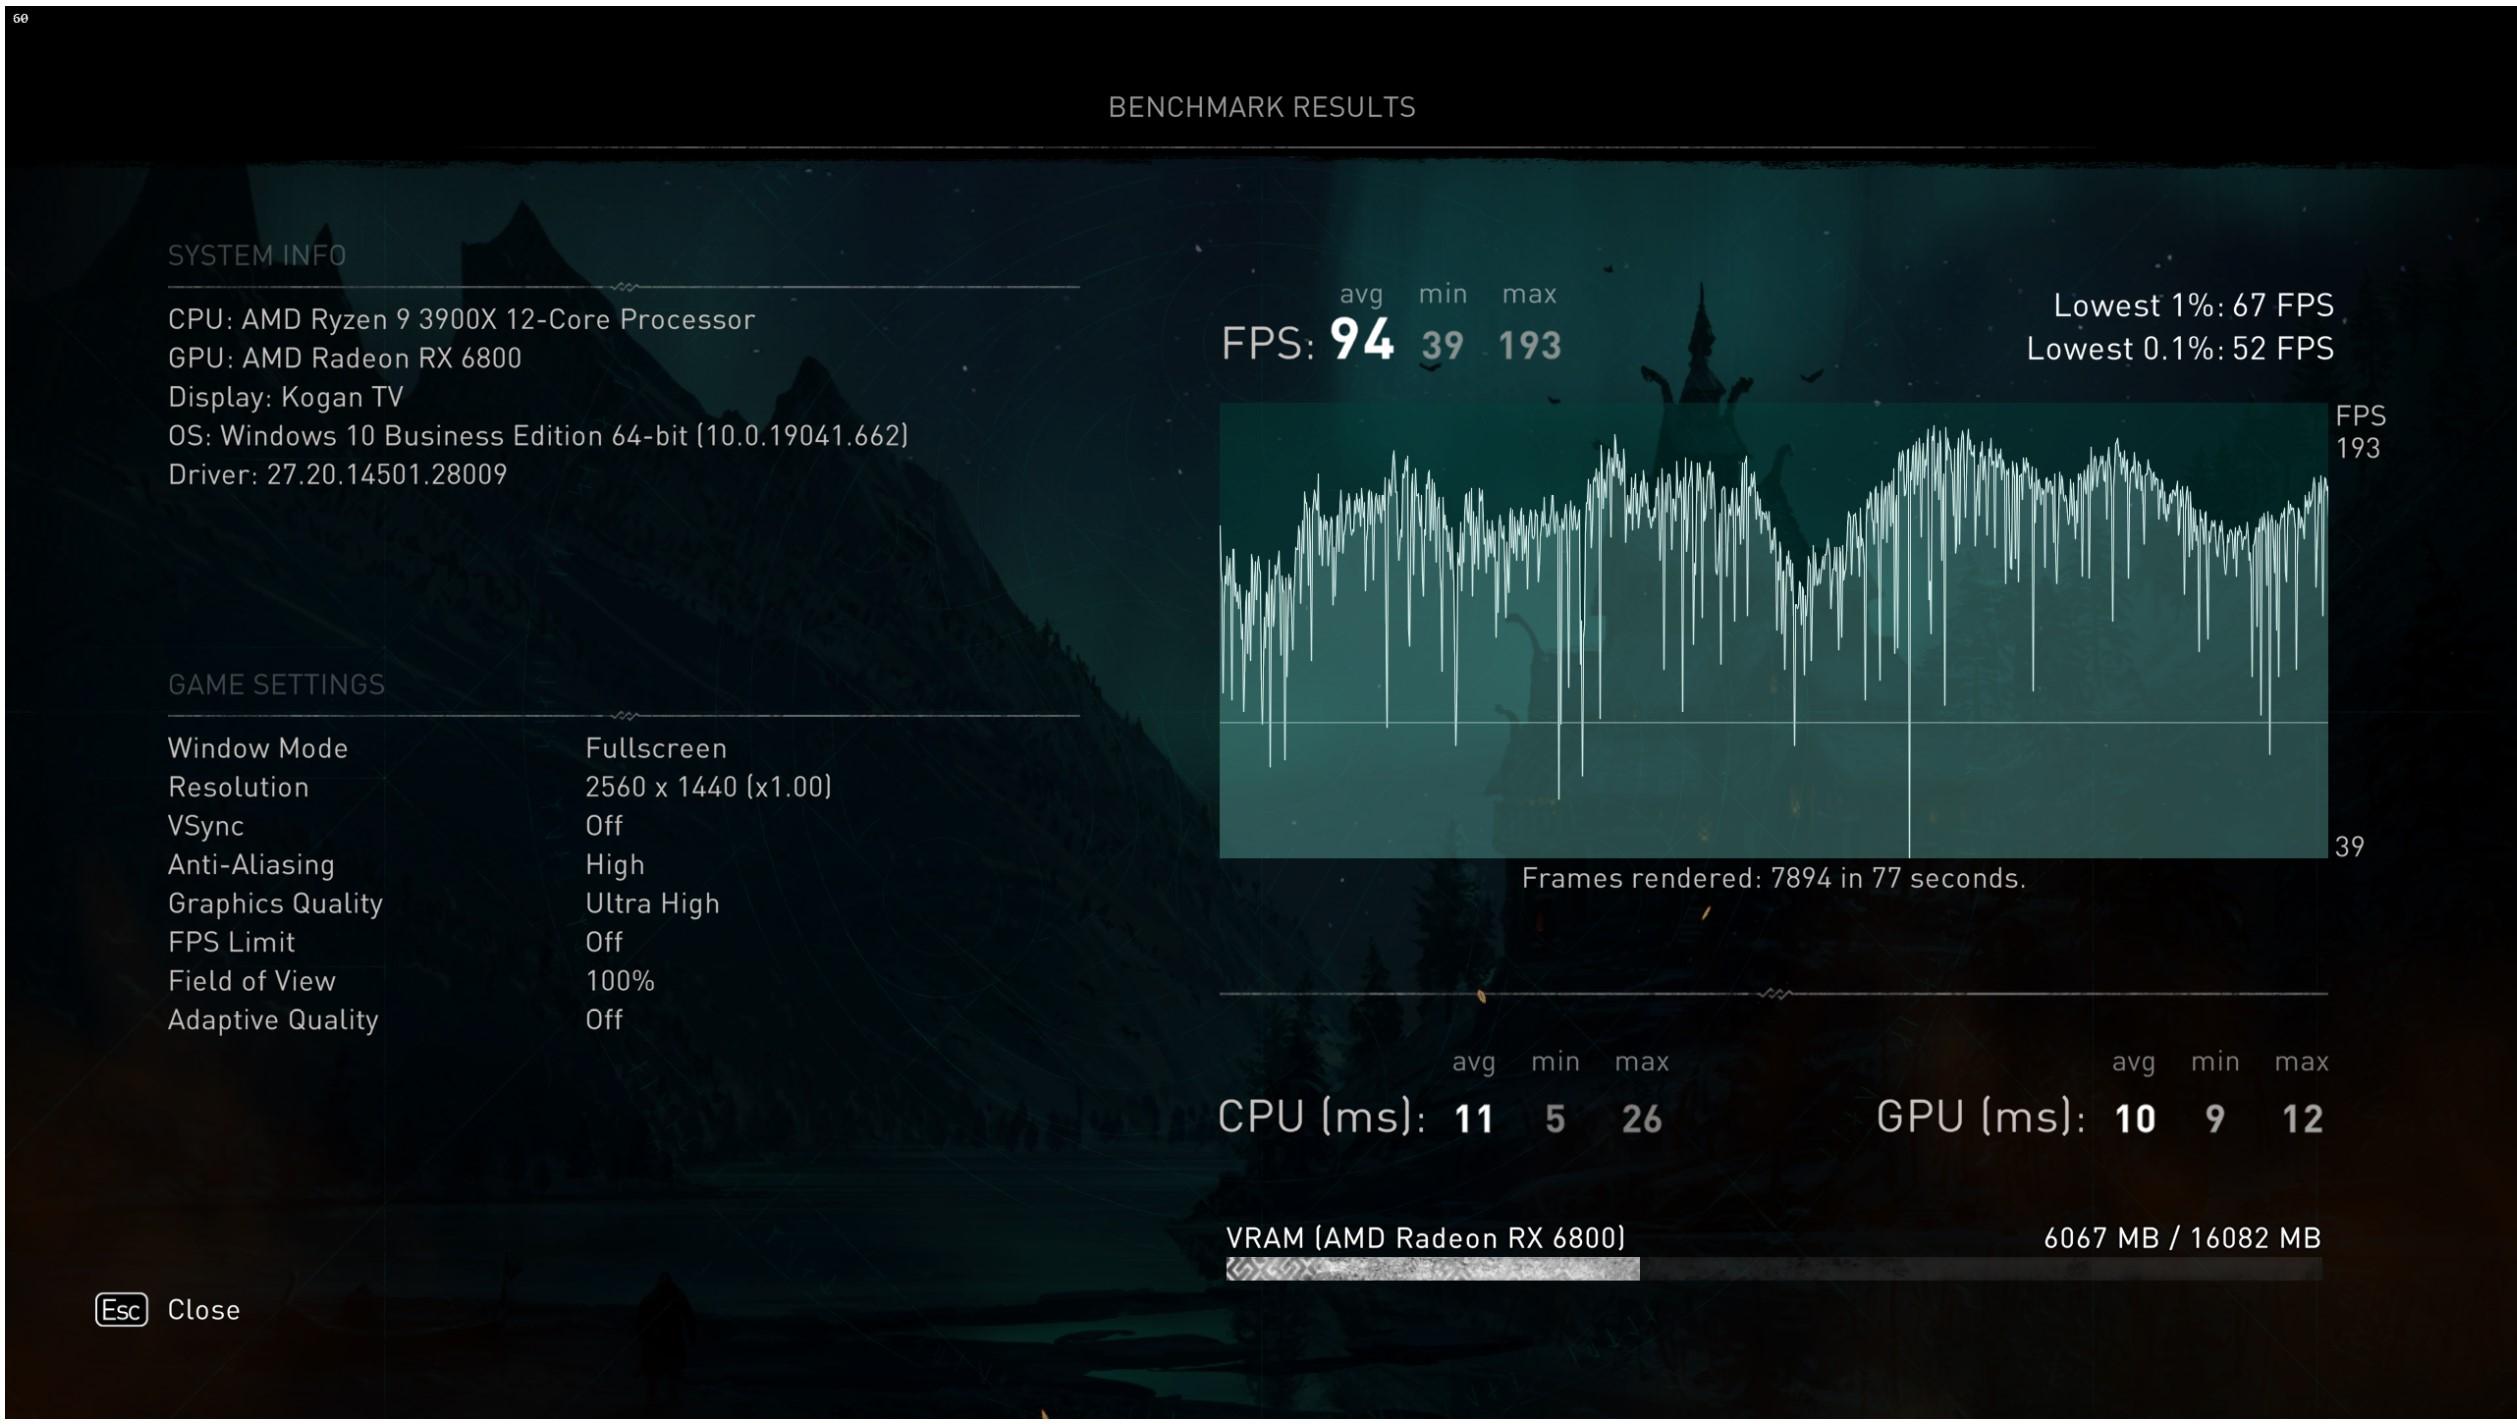 Screenshot 2021-01-13 210115.jpg